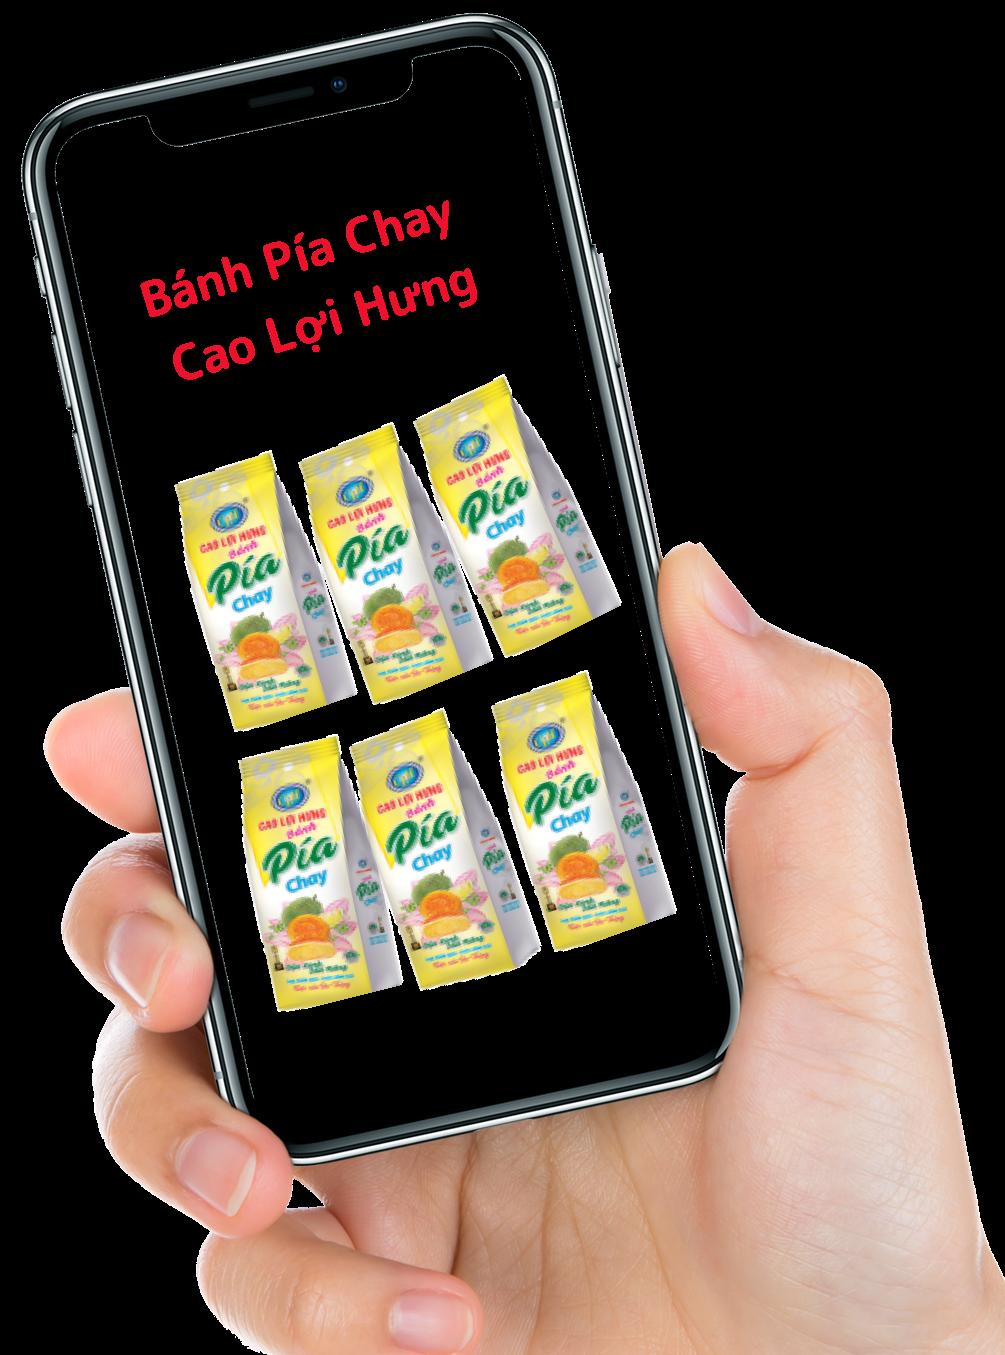 Bánh Pía Chay Cao Lợi Hưng